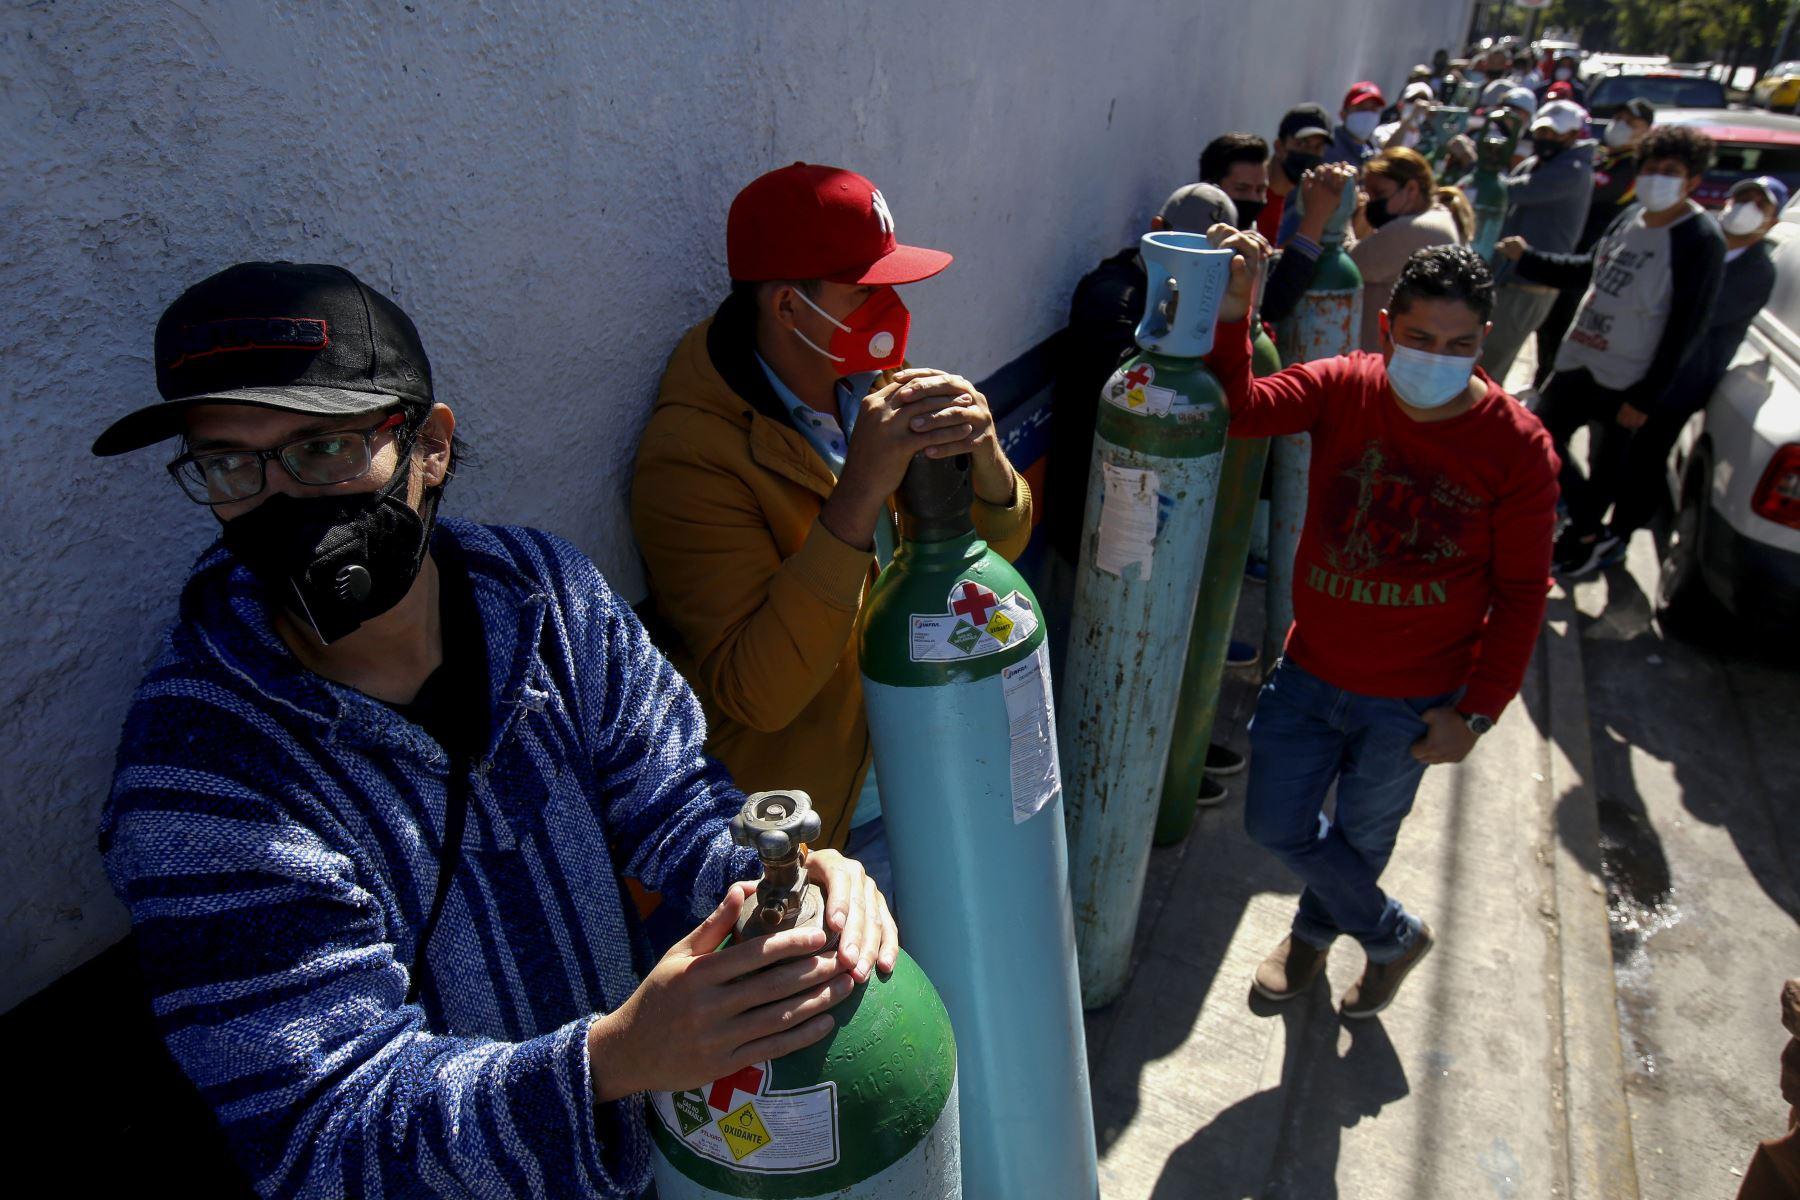 Personas hacen cola para recargar los tanques de oxígeno de sus familiares infectados con covid-19, debido a la escasez de gas medicinal, en Guadalajara Estado de México.  Foto: AFP